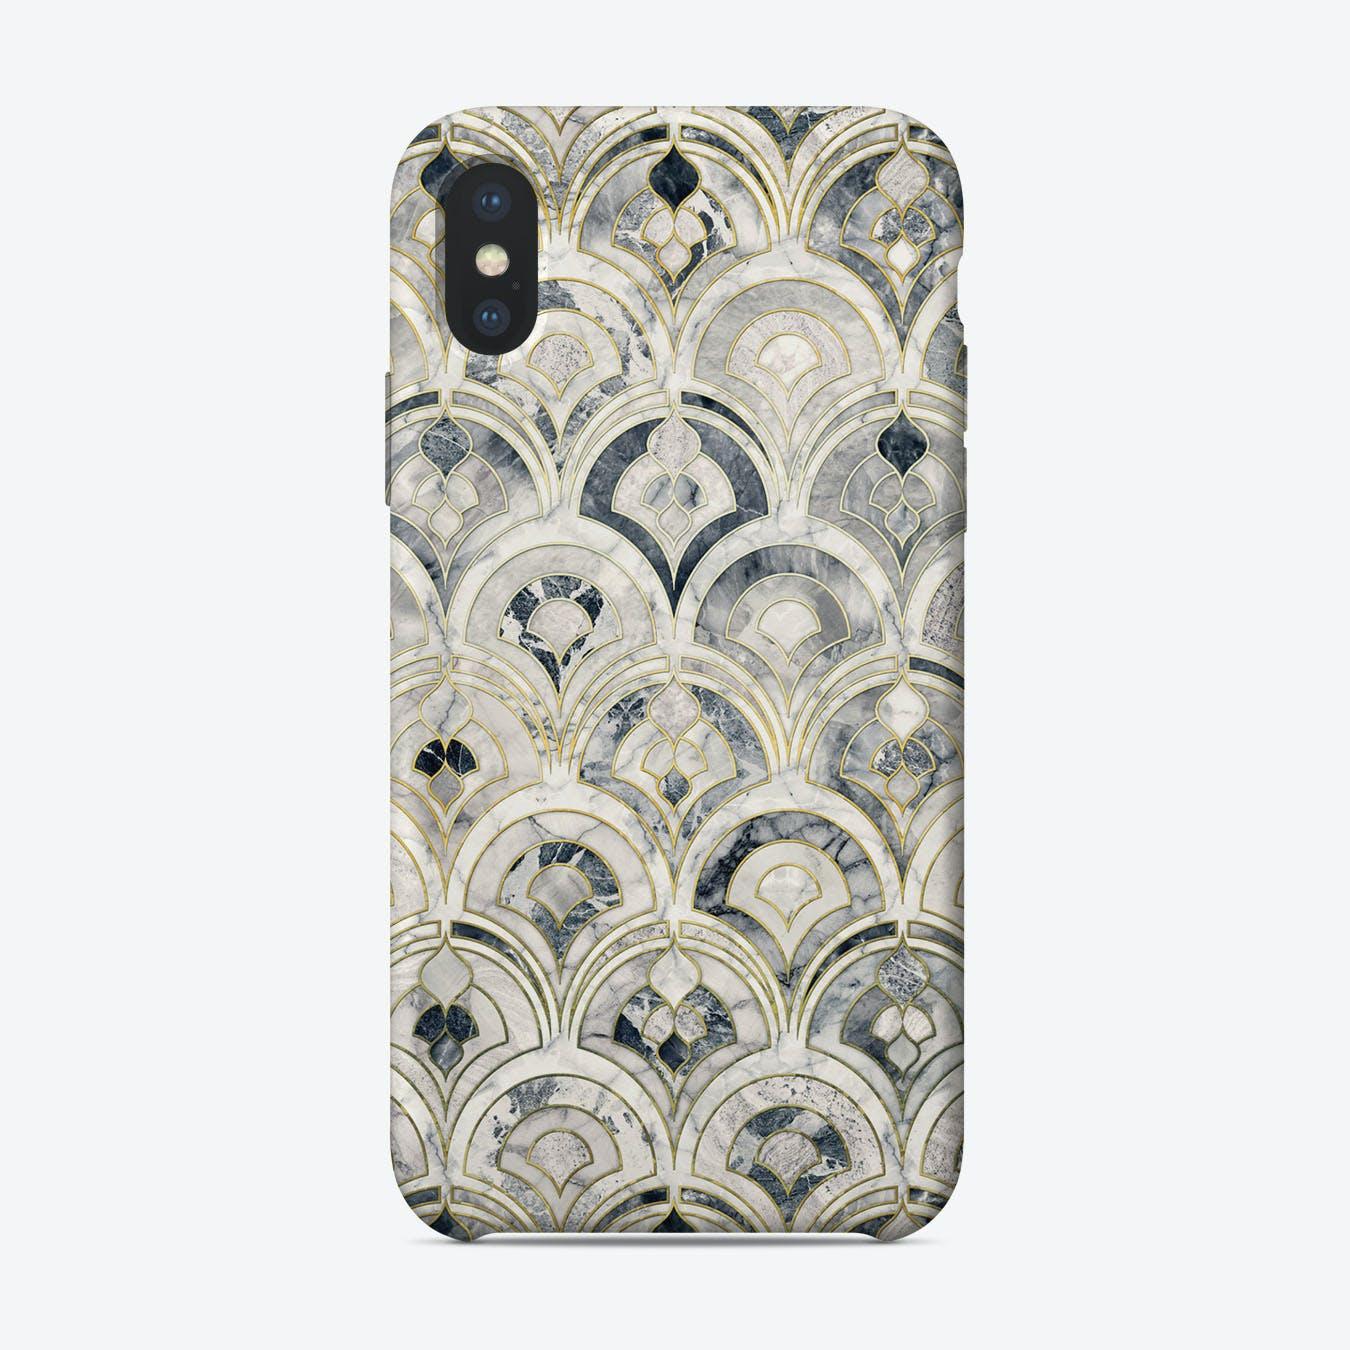 Monochrome Art Deco Marble Tiles  iPhone Case